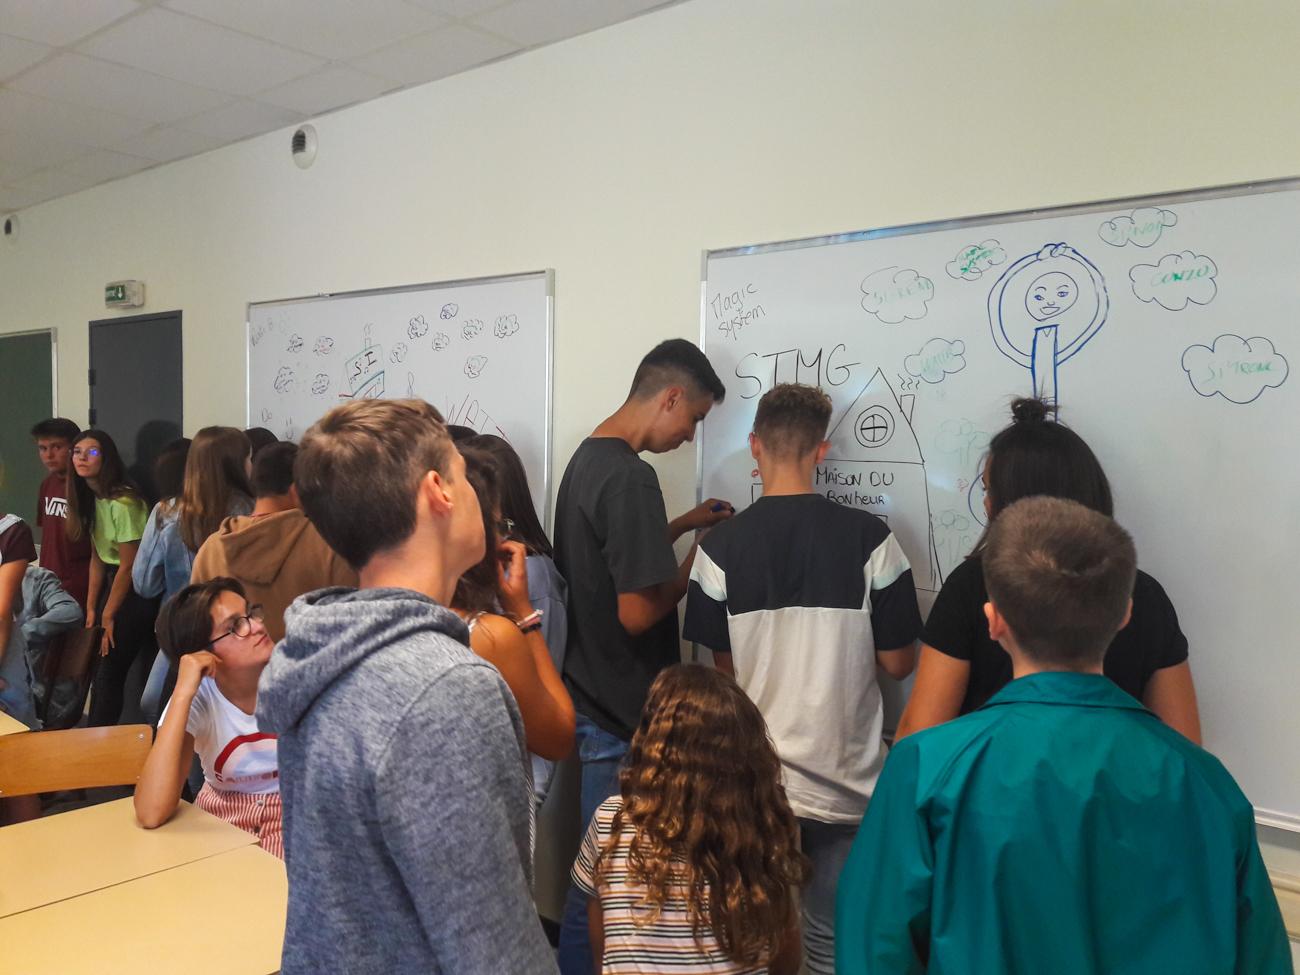 Rentrée scolaire des élèves de première générale et technologique au Lycée Notre Dame de challans, découverte des maisons